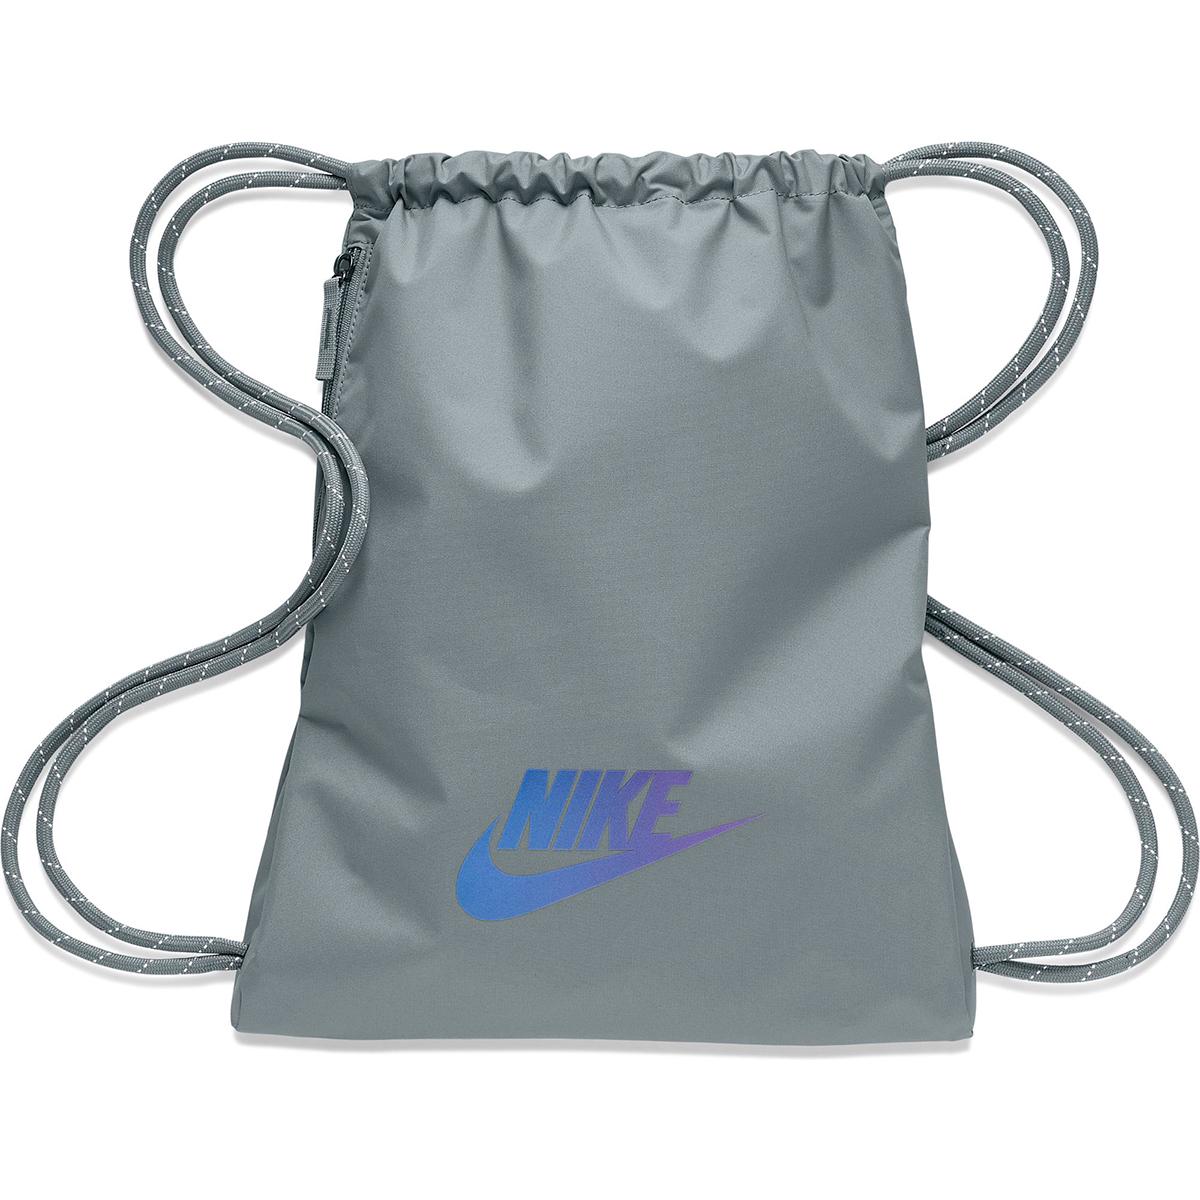 Nike Heritage Gym Sack - 2.0 - Color: Smoke Grey/Iridescent, Smoke Grey/Iridescent, large, image 1